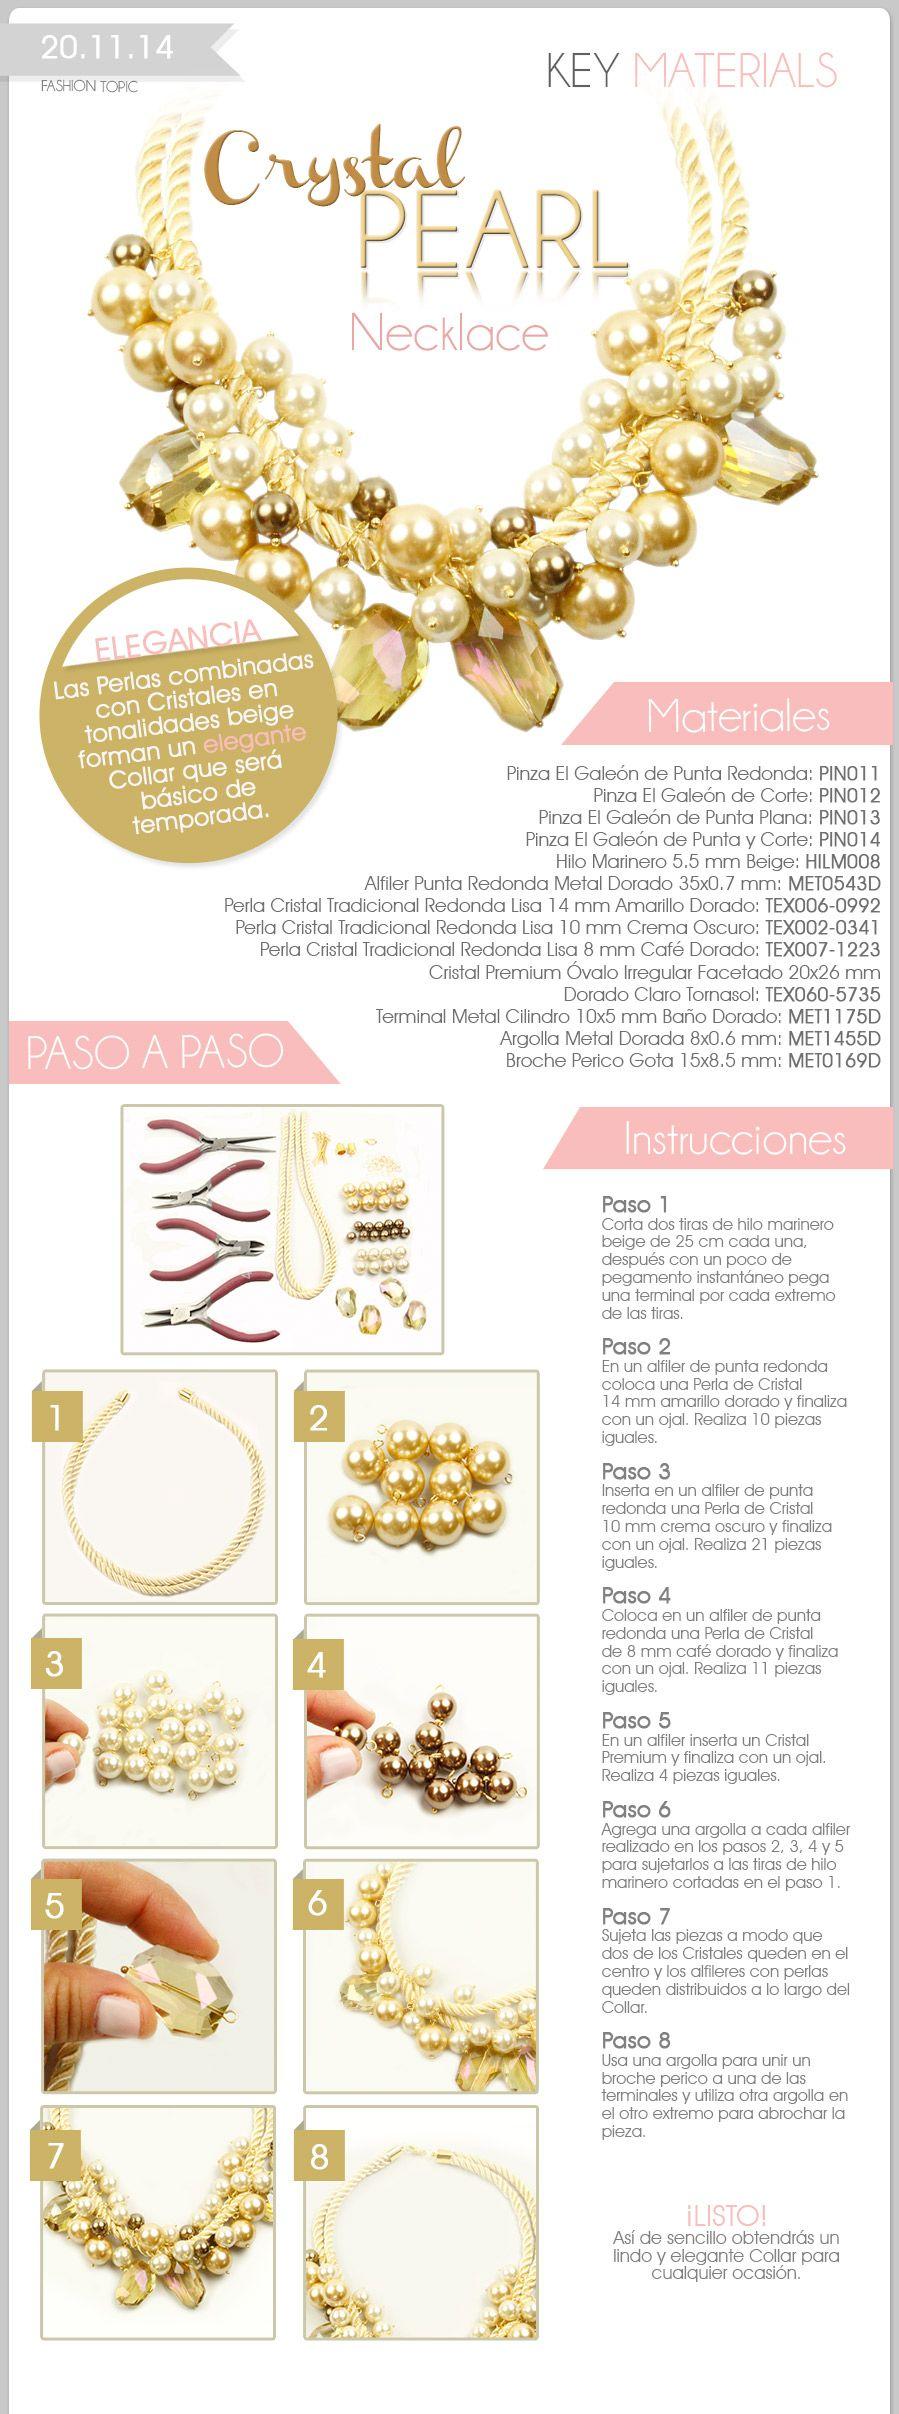 Fashion Topic Key Materials Crystal Pearl Necklace  Encuentra aquí el video…